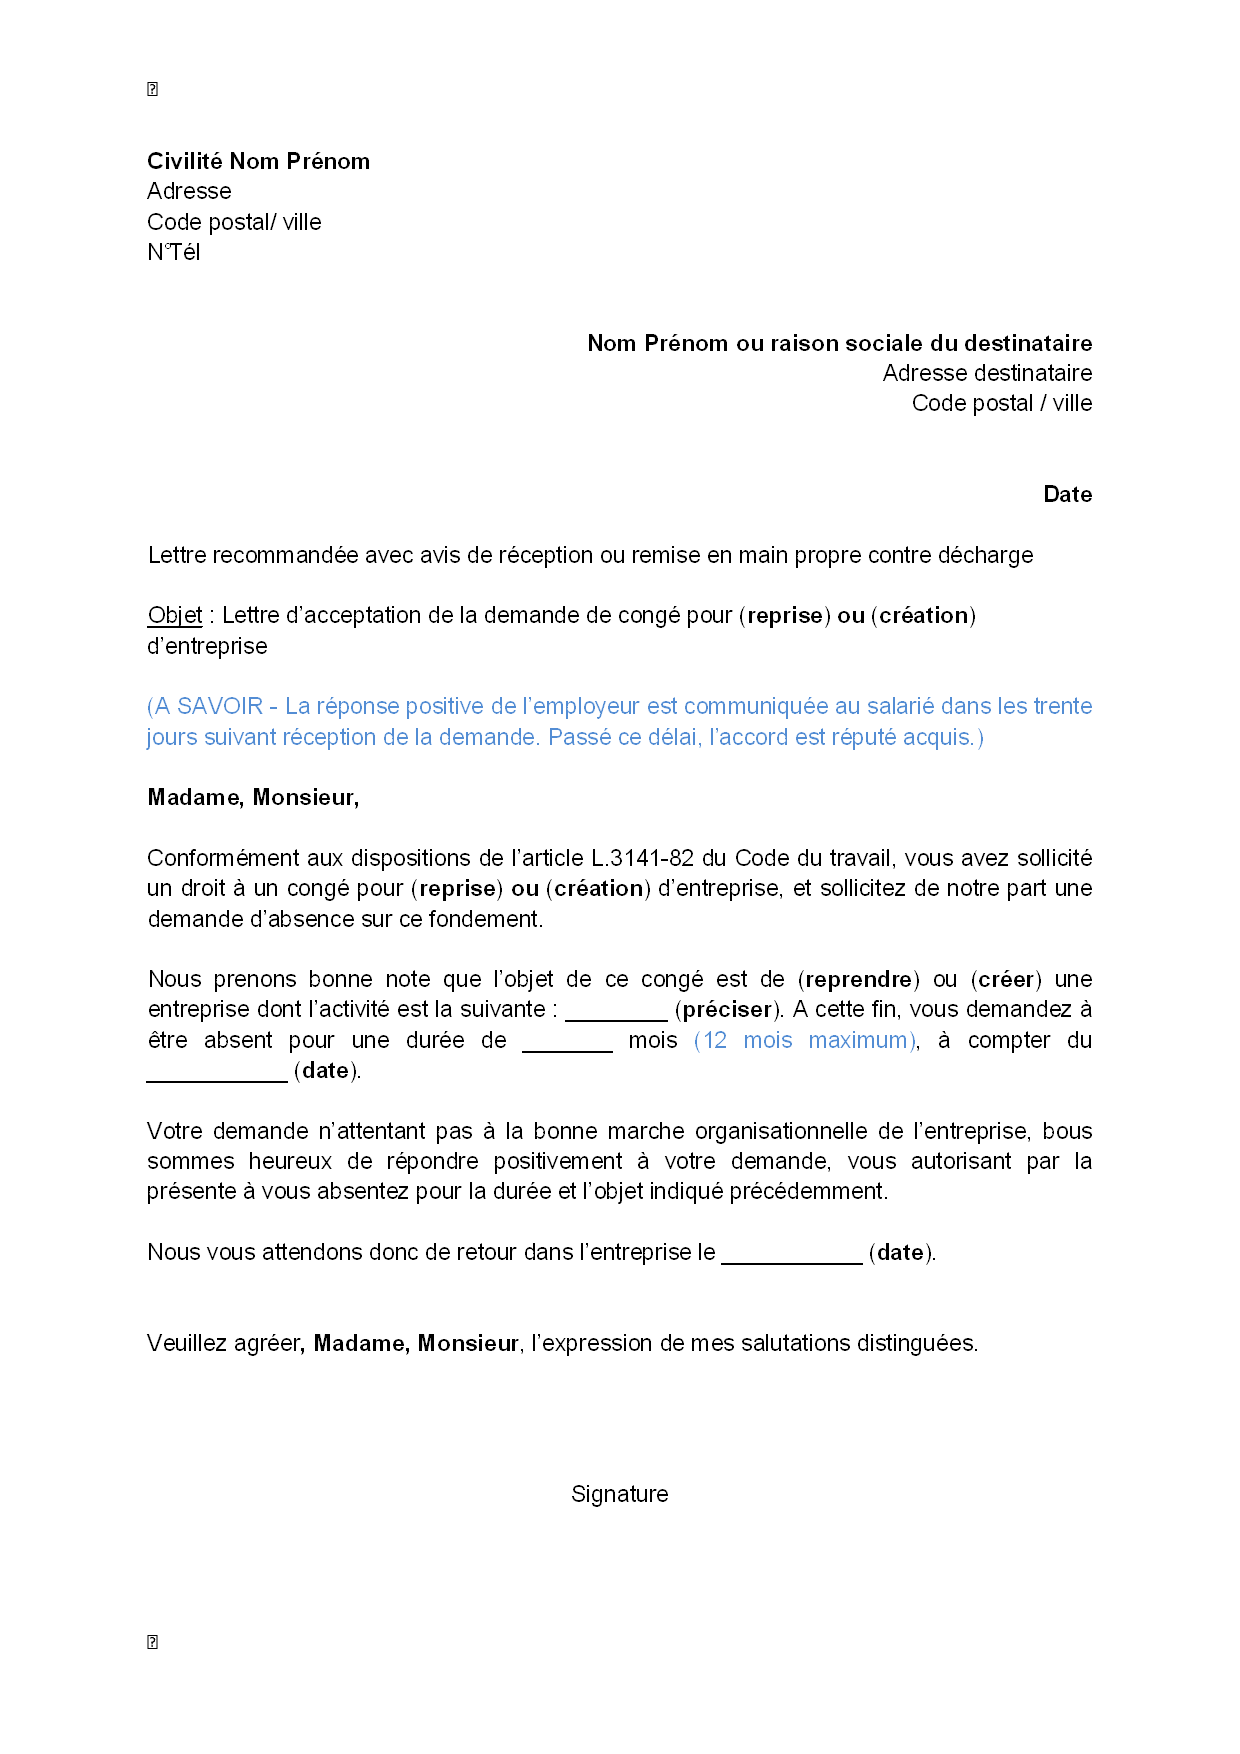 Lettre d\u0027acceptation, par l\u0027employeur, de la demande du salarié de congé  pour création ou reprise d\u0027entreprise , modèle de lettre gratuit, exemple  de lettre